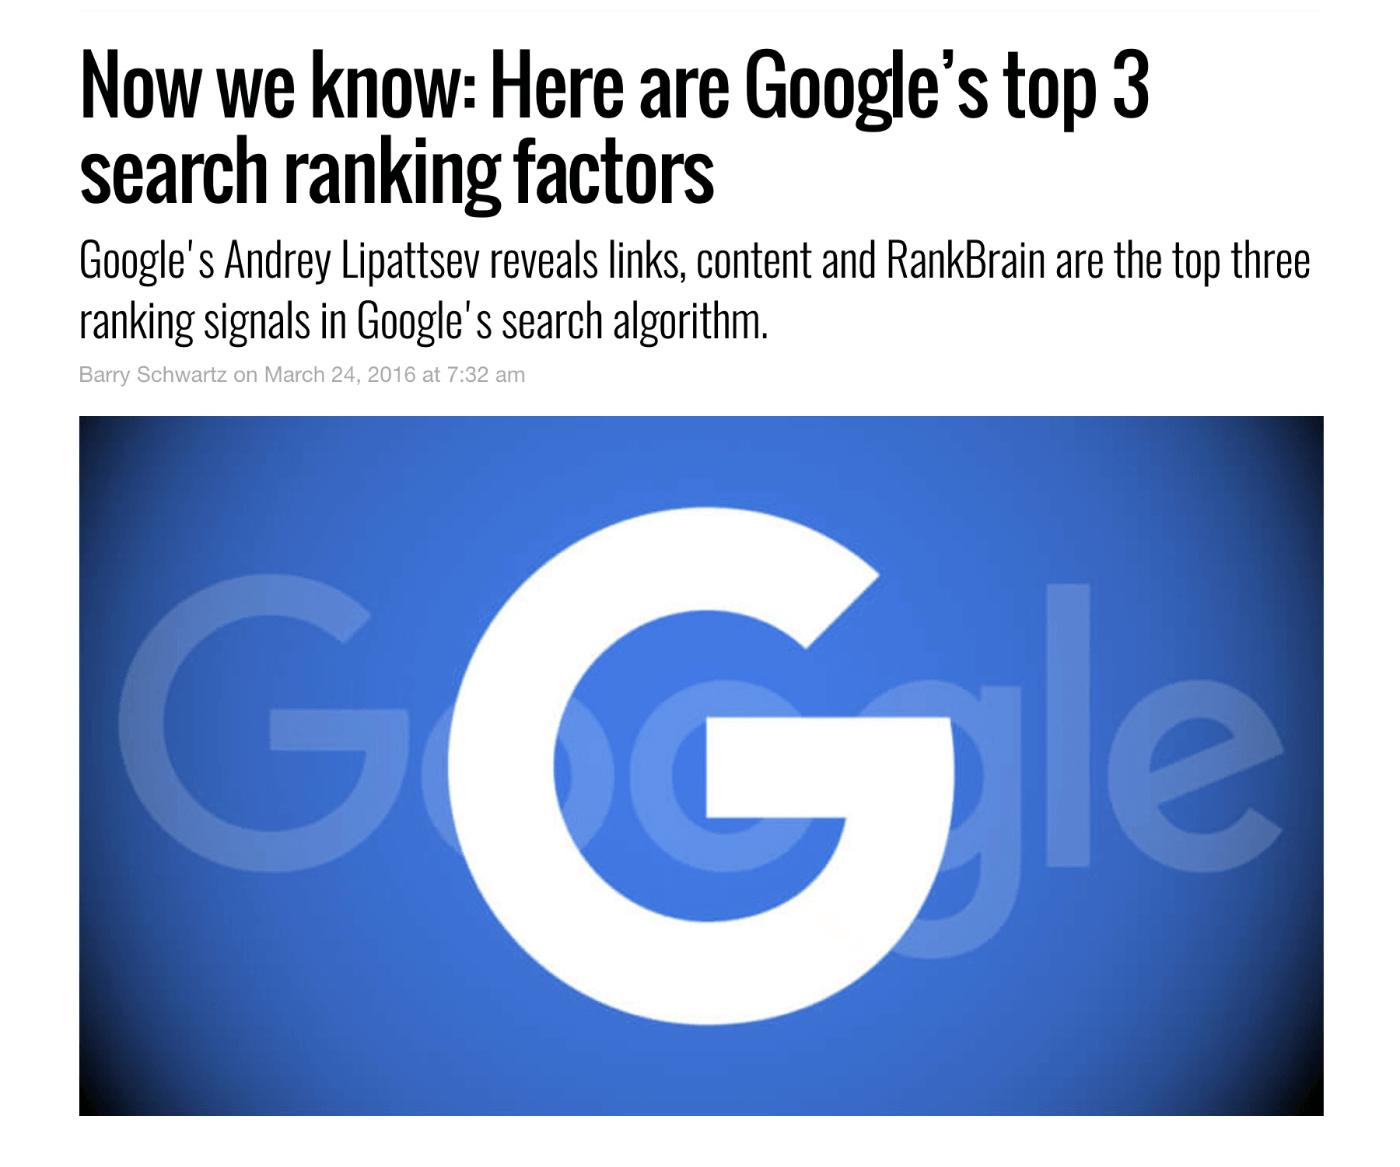 факторы ранжирования в гугл